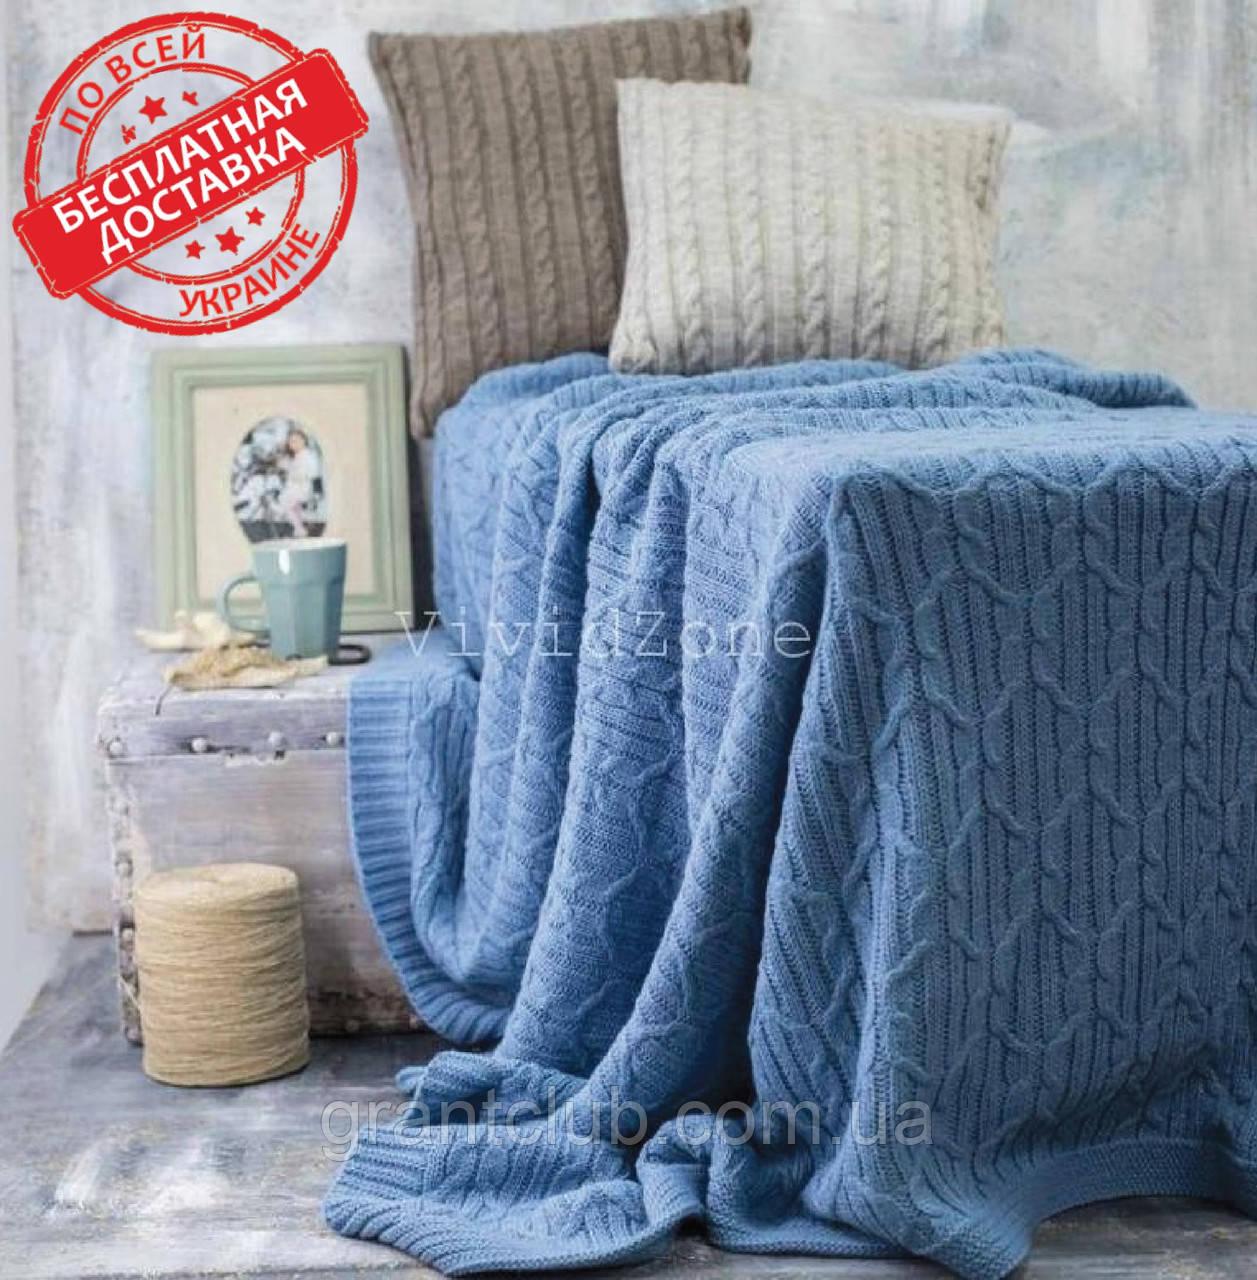 Покрывало вязаное МЕЛОДИ 200х220 голубой Vividzone (бесплатная доставка)